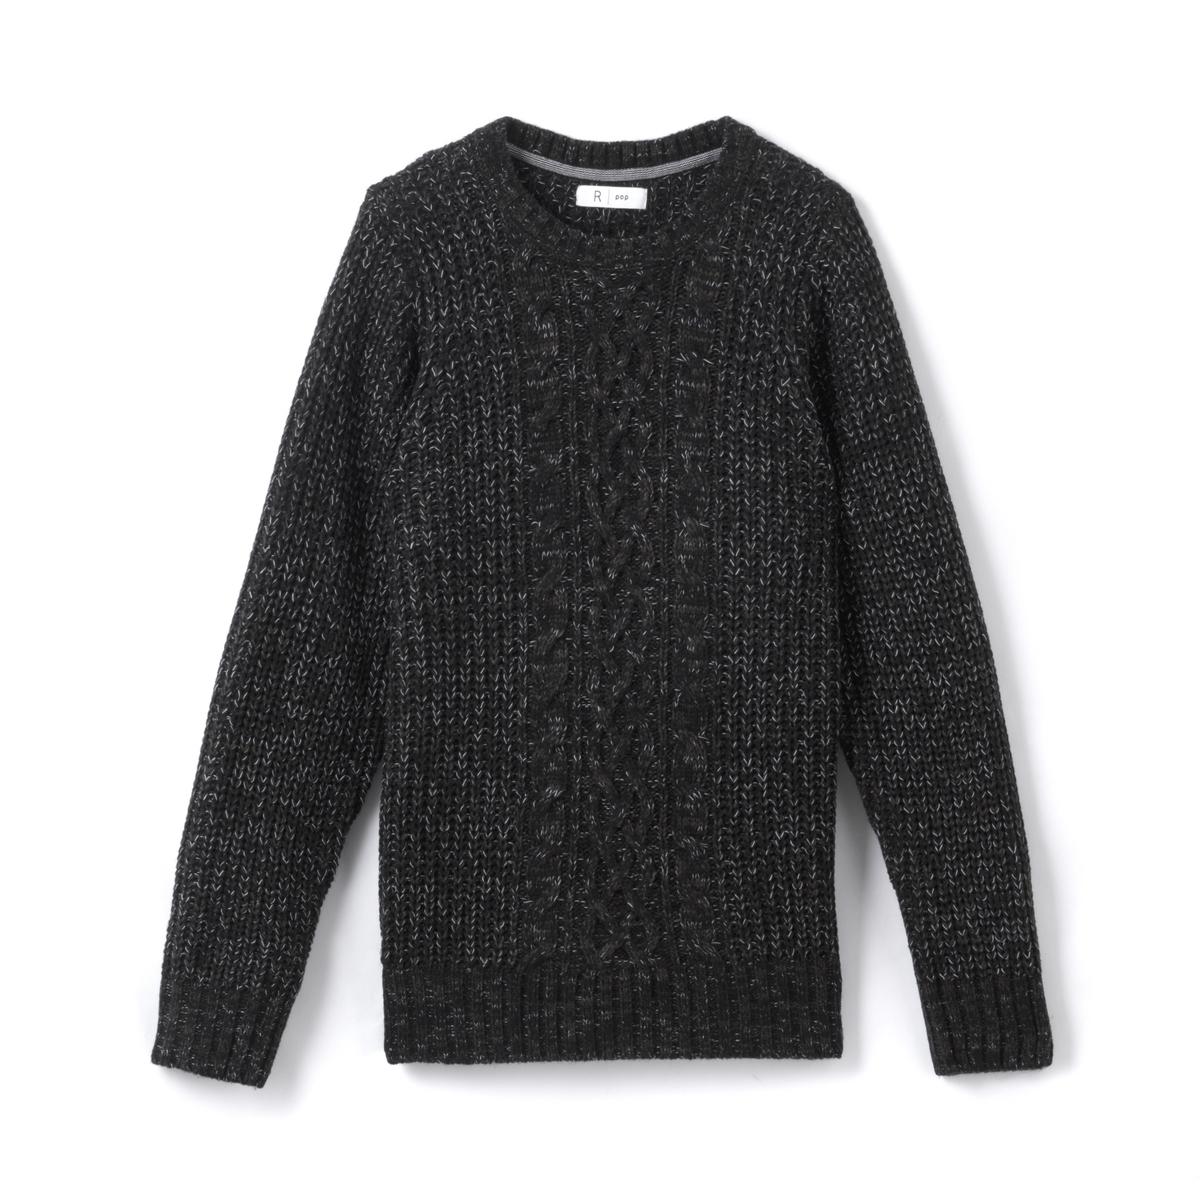 Пуловер с круглым вырезом, 10-16 лет